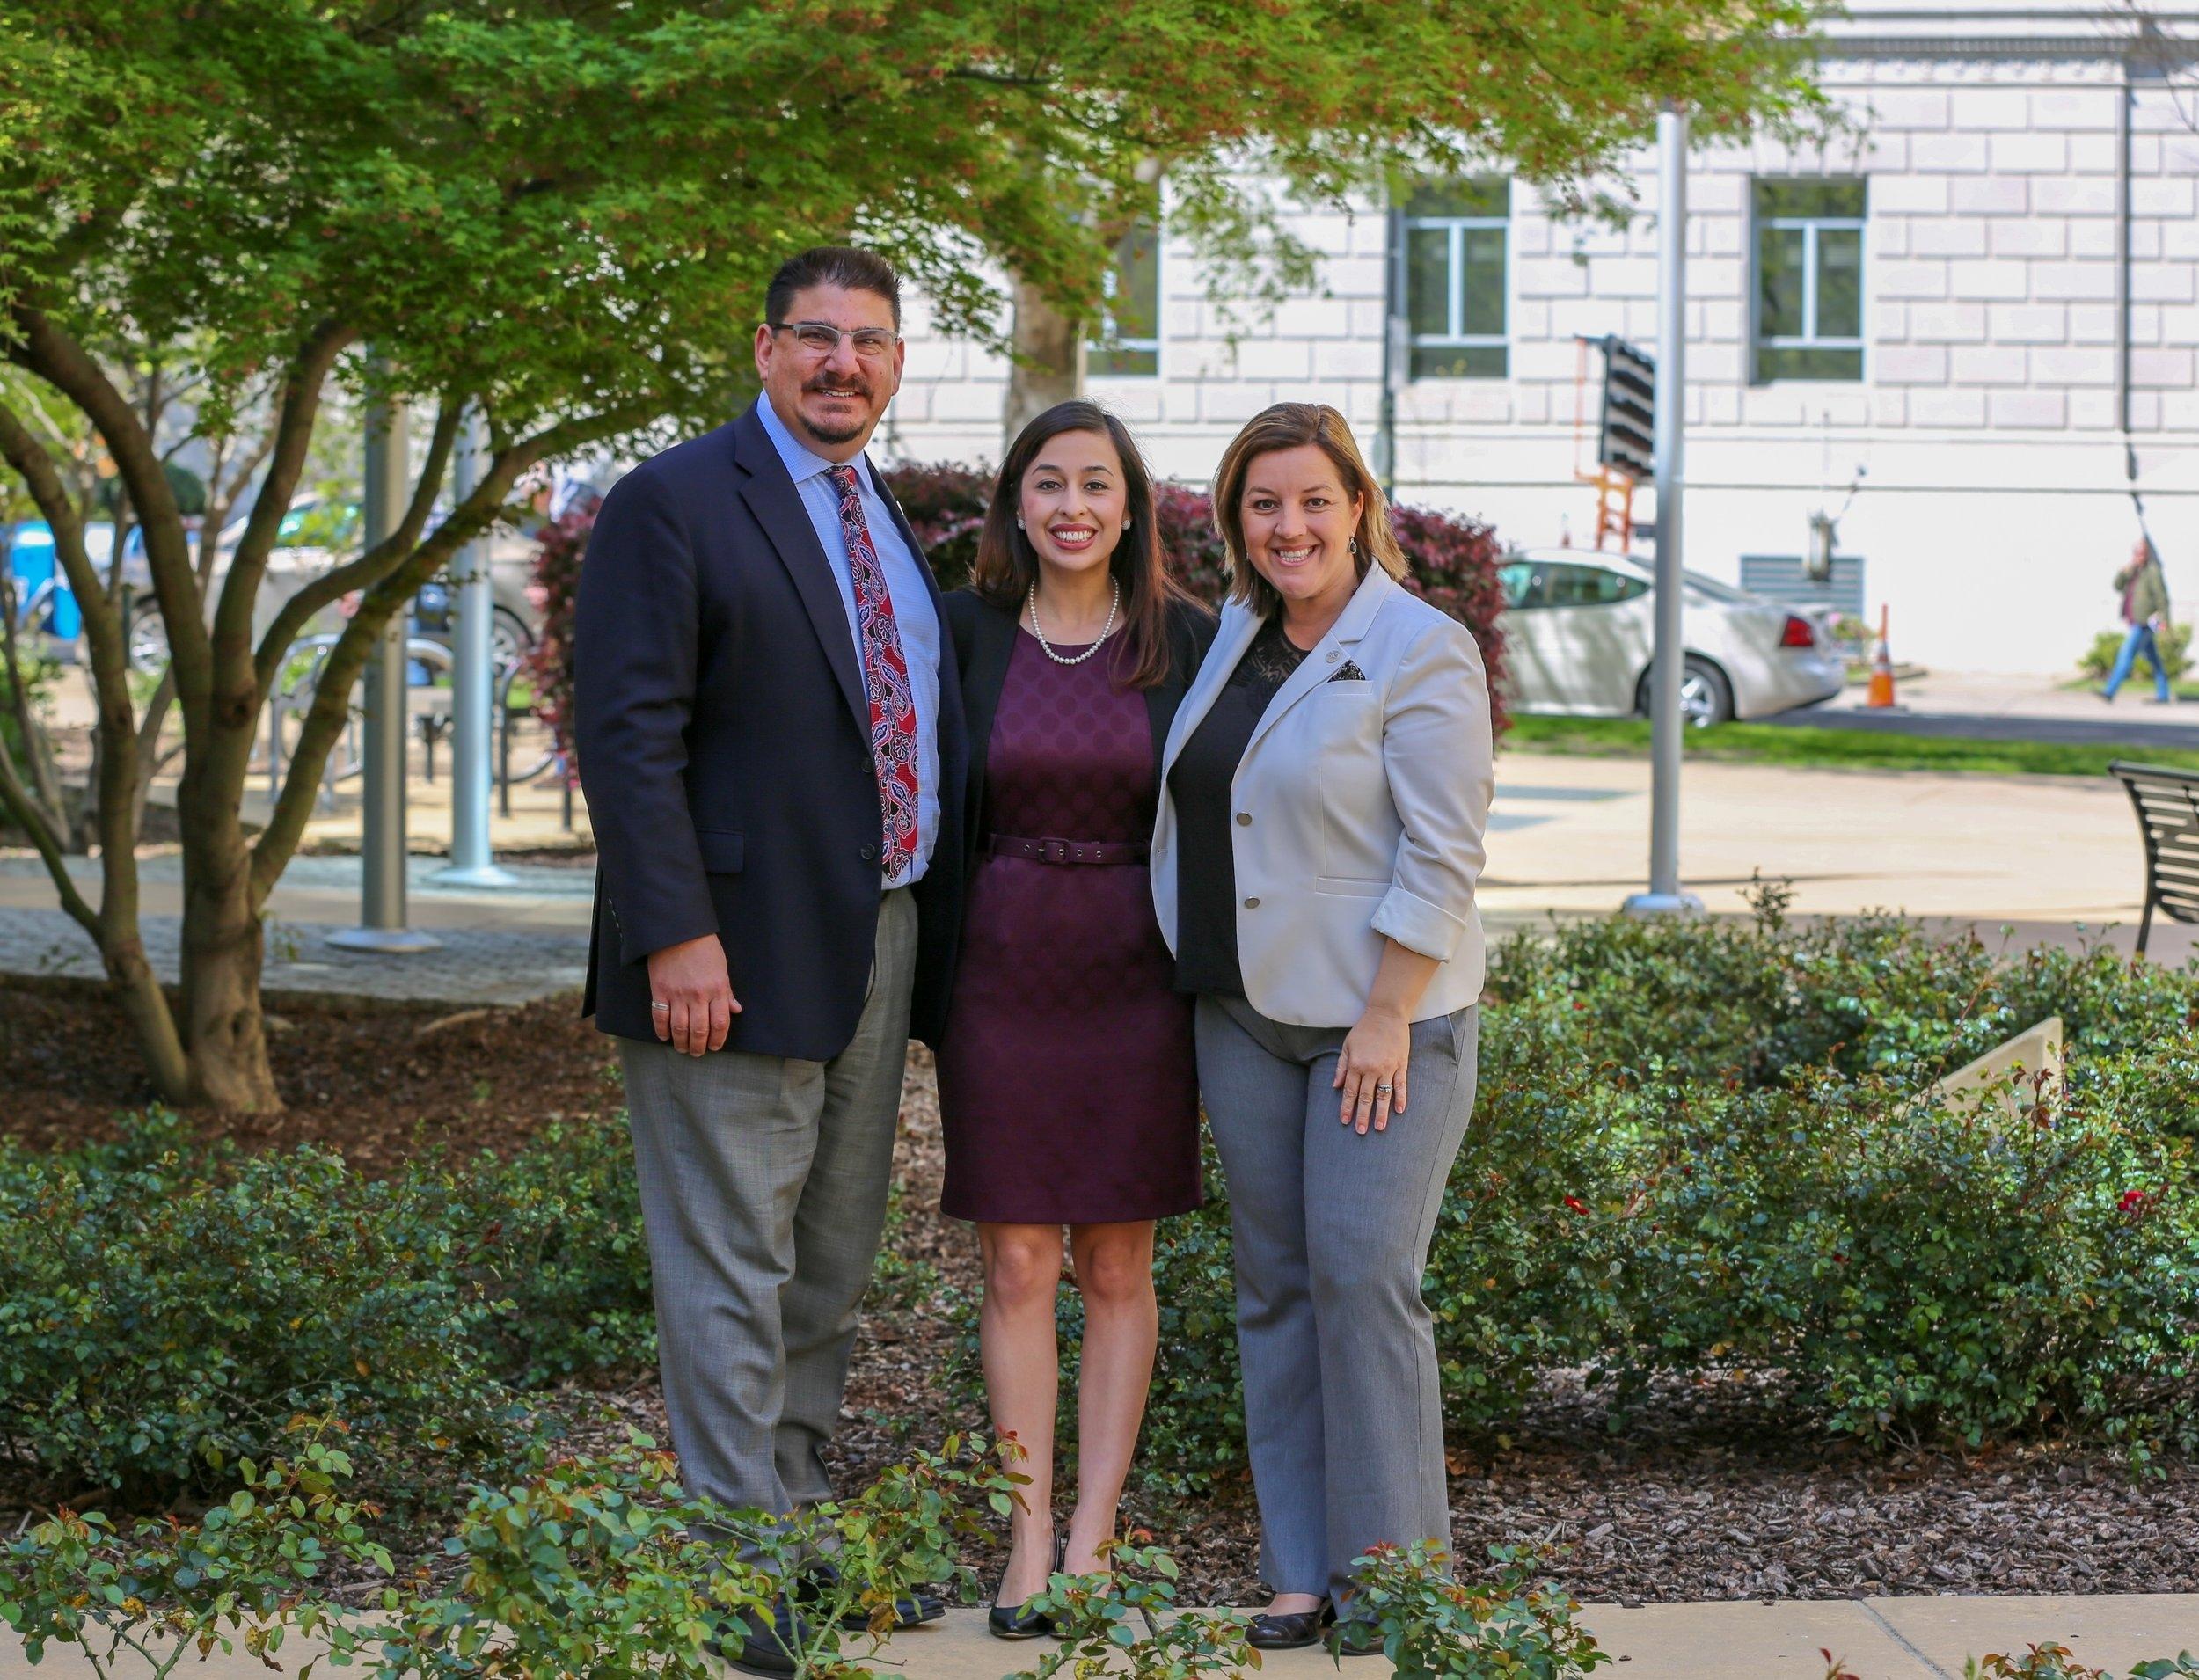 Sacramento Councilmember, Angelique Ashby and Sacramento County Board of Supervisors Vice Chair, Patrick Kennedy Endorse Karina Talamantes